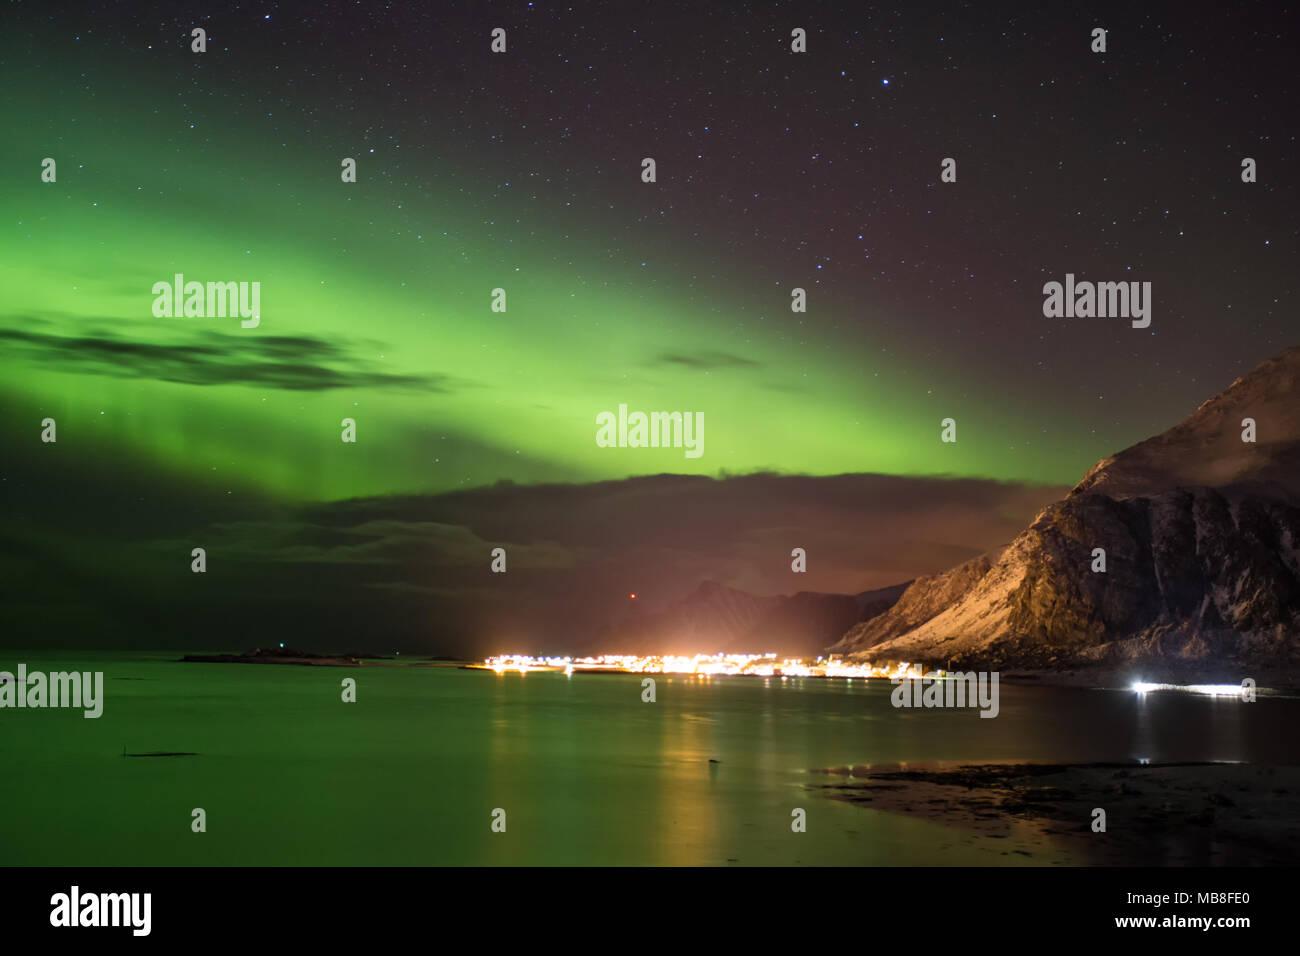 Isole Lofoten in Norvegia, 03-11-2018, mare fiordo, aurora boreale Immagini Stock